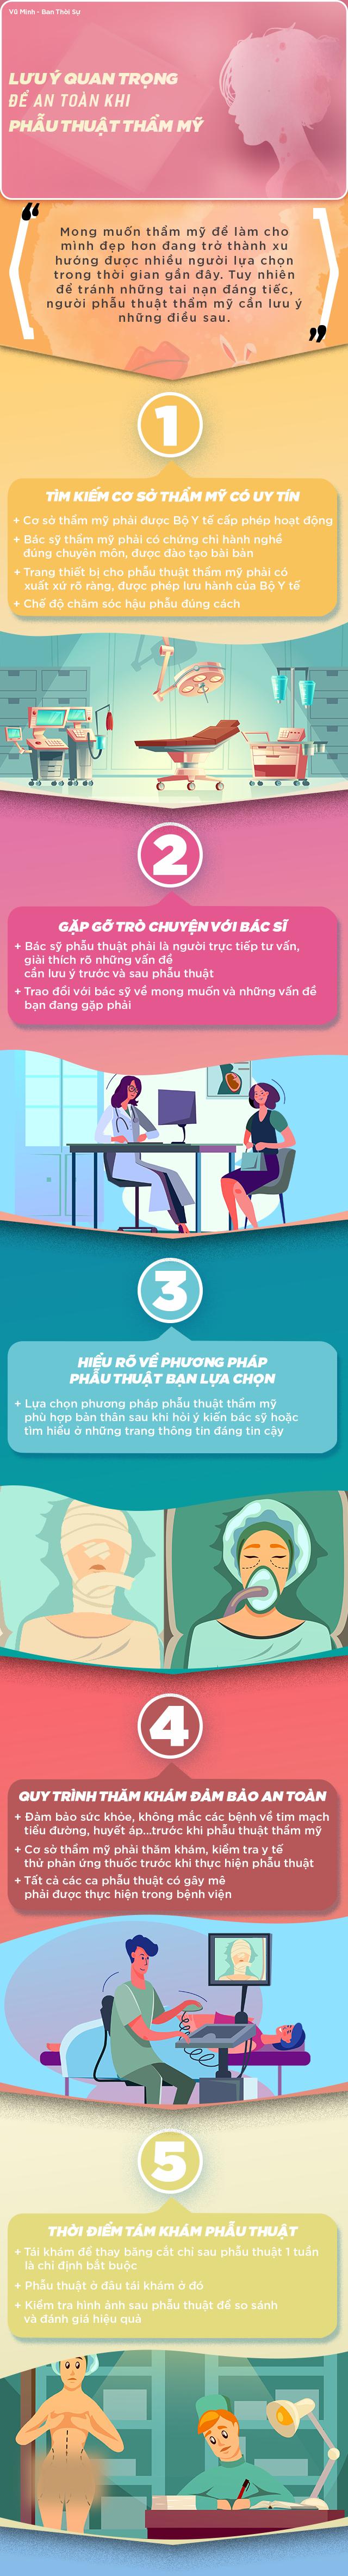 [Infographic] Lưu ý quan trọng để an toàn khi phẫu thuật thẩm mỹ - Ảnh 1.